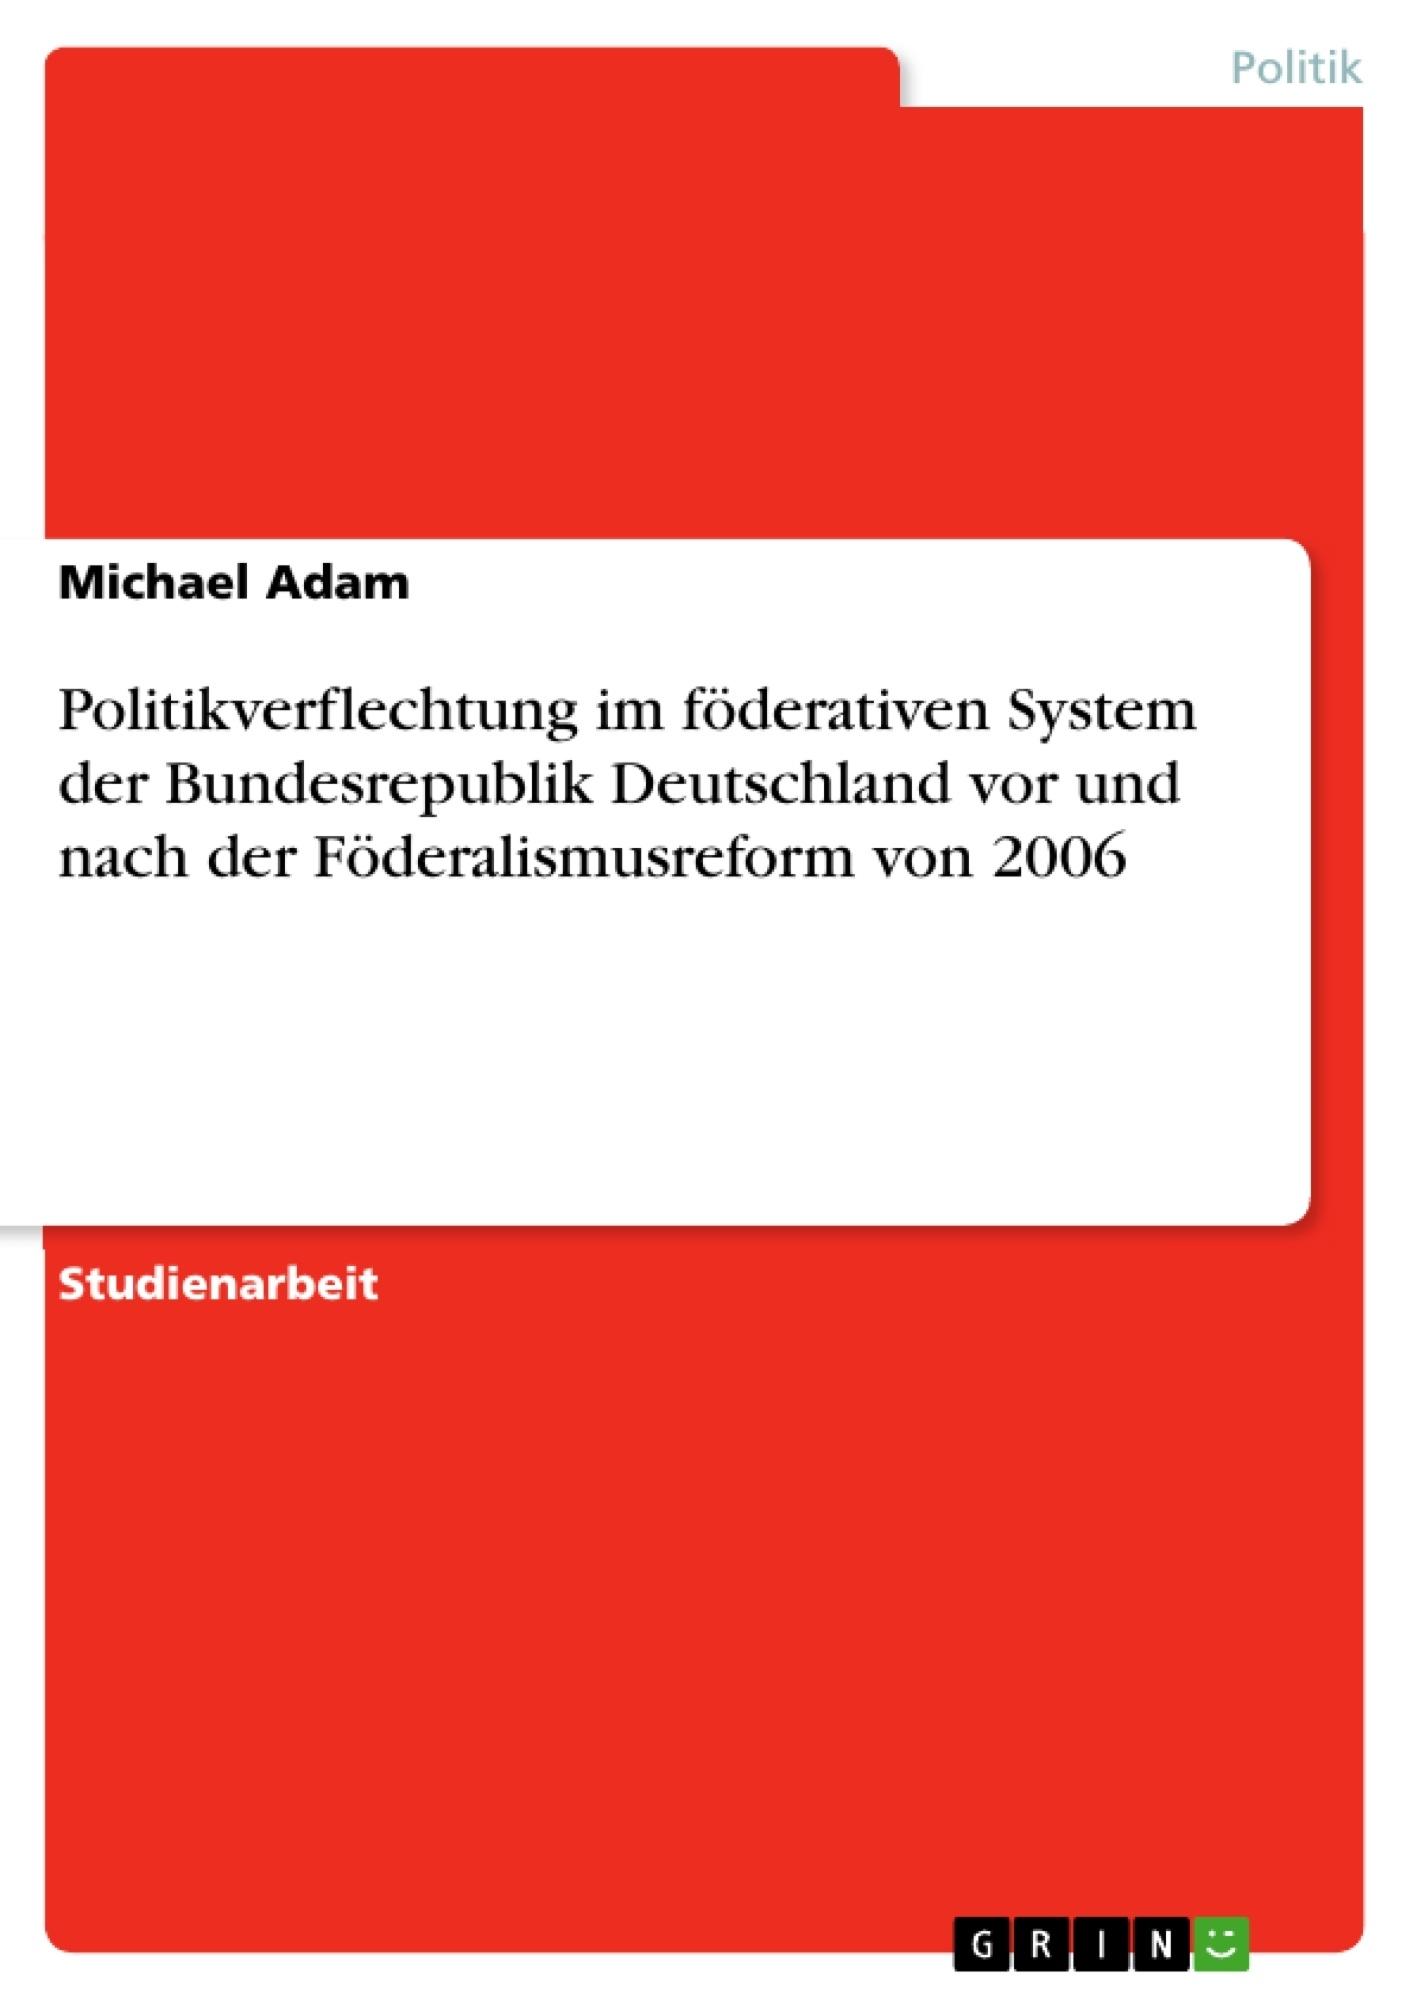 Titel: Politikverflechtung im föderativen System der Bundesrepublik Deutschland vor und nach der Föderalismusreform von 2006